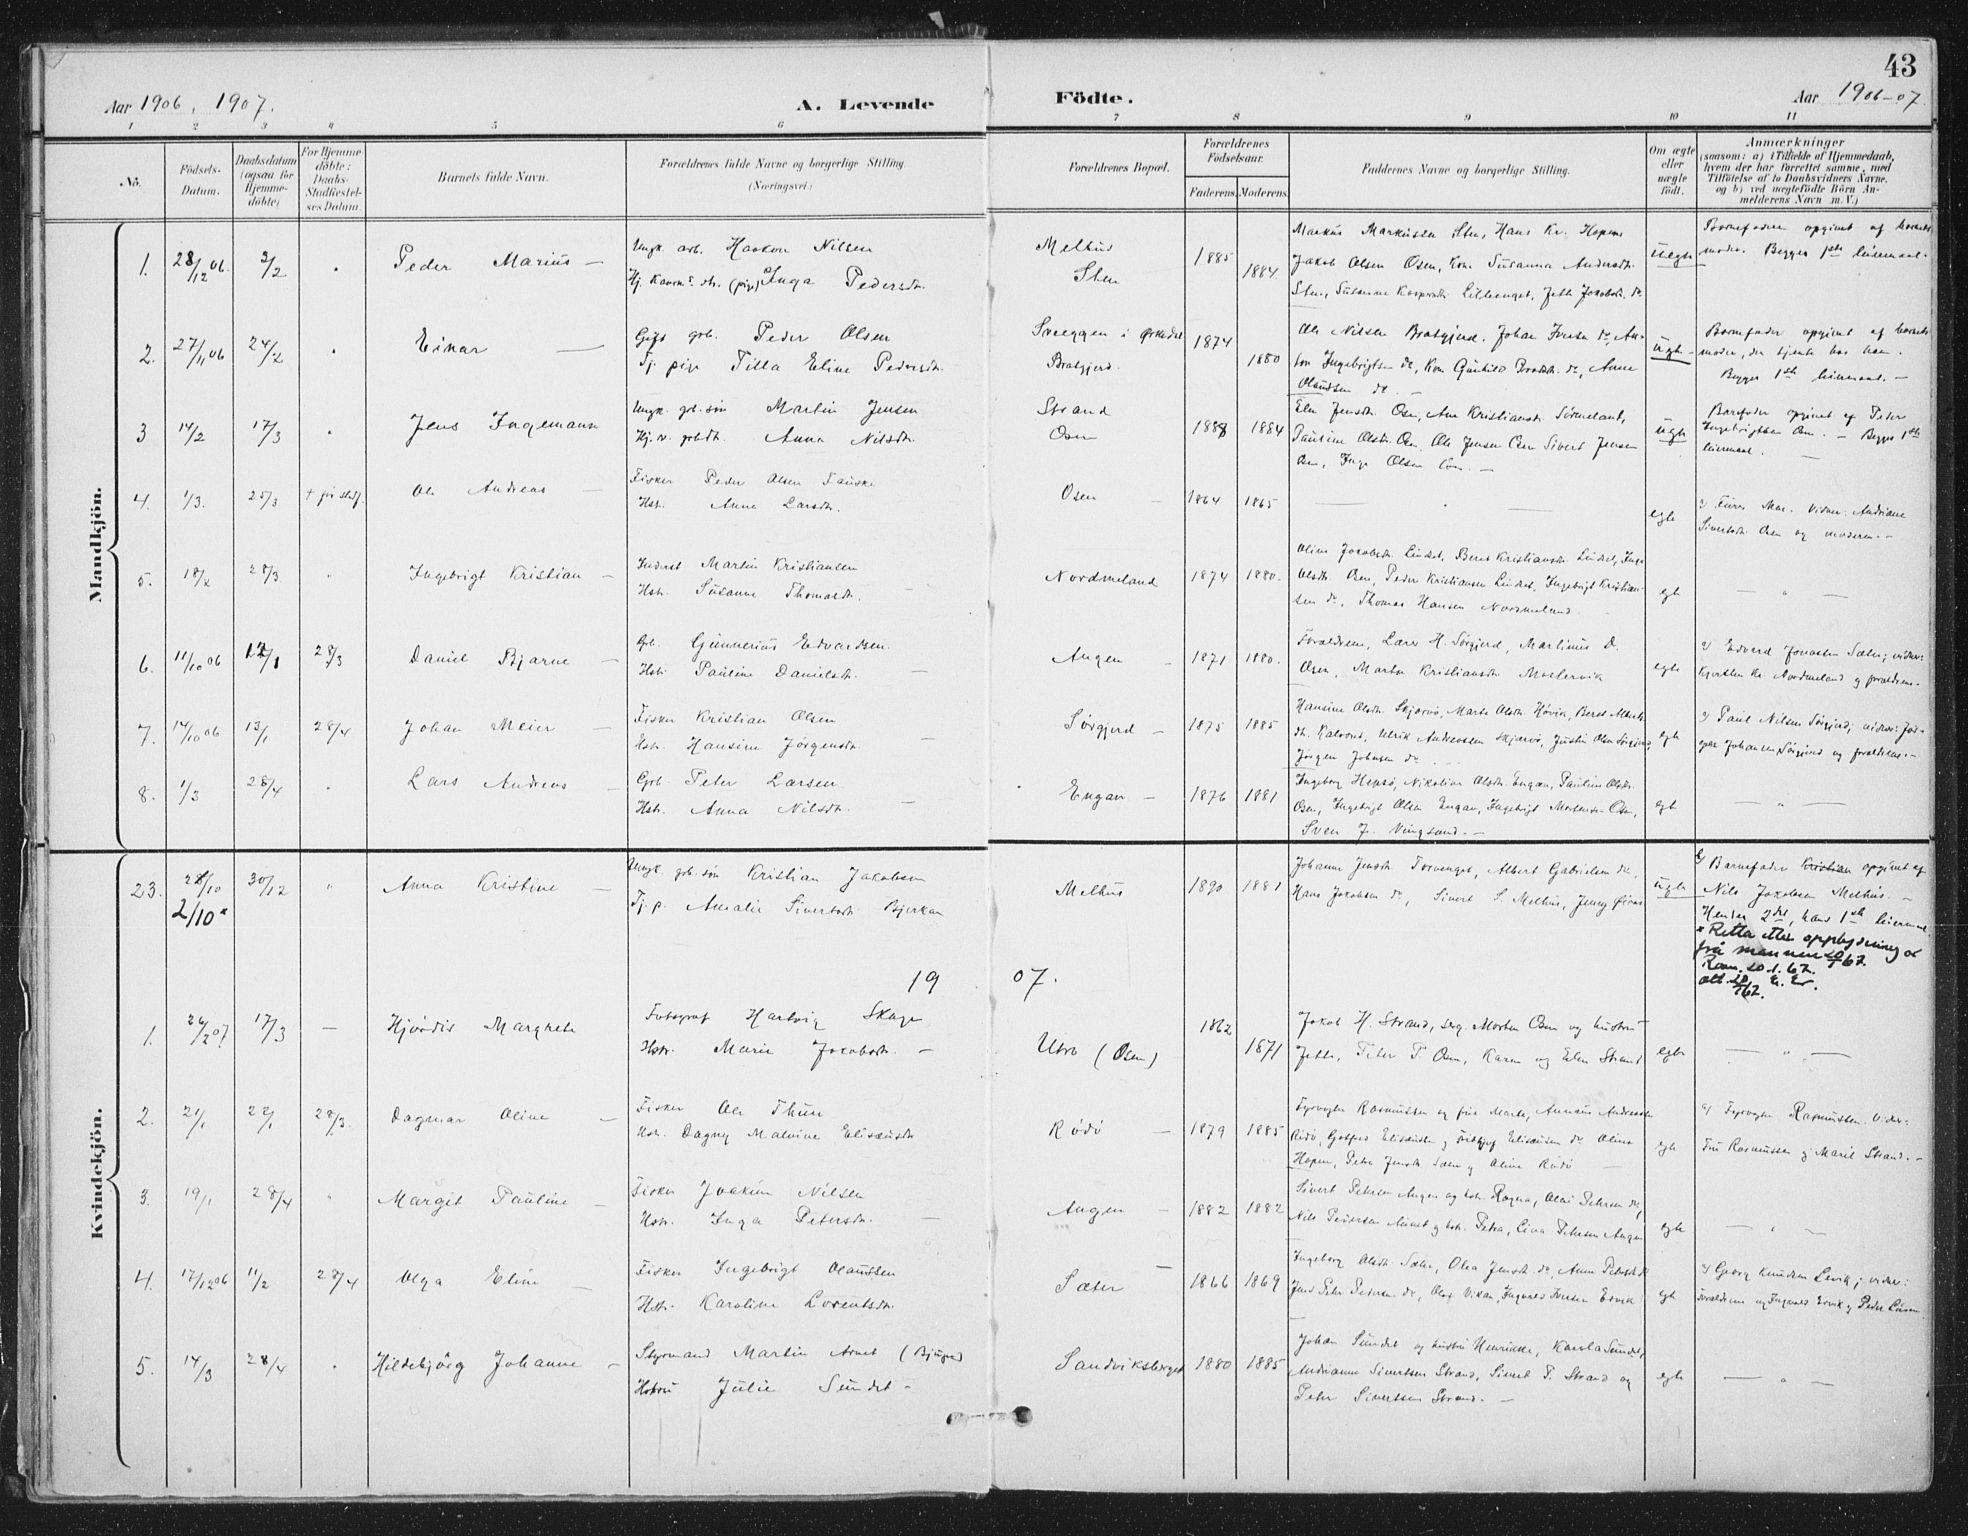 SAT, Ministerialprotokoller, klokkerbøker og fødselsregistre - Sør-Trøndelag, 658/L0723: Ministerialbok nr. 658A02, 1897-1912, s. 43